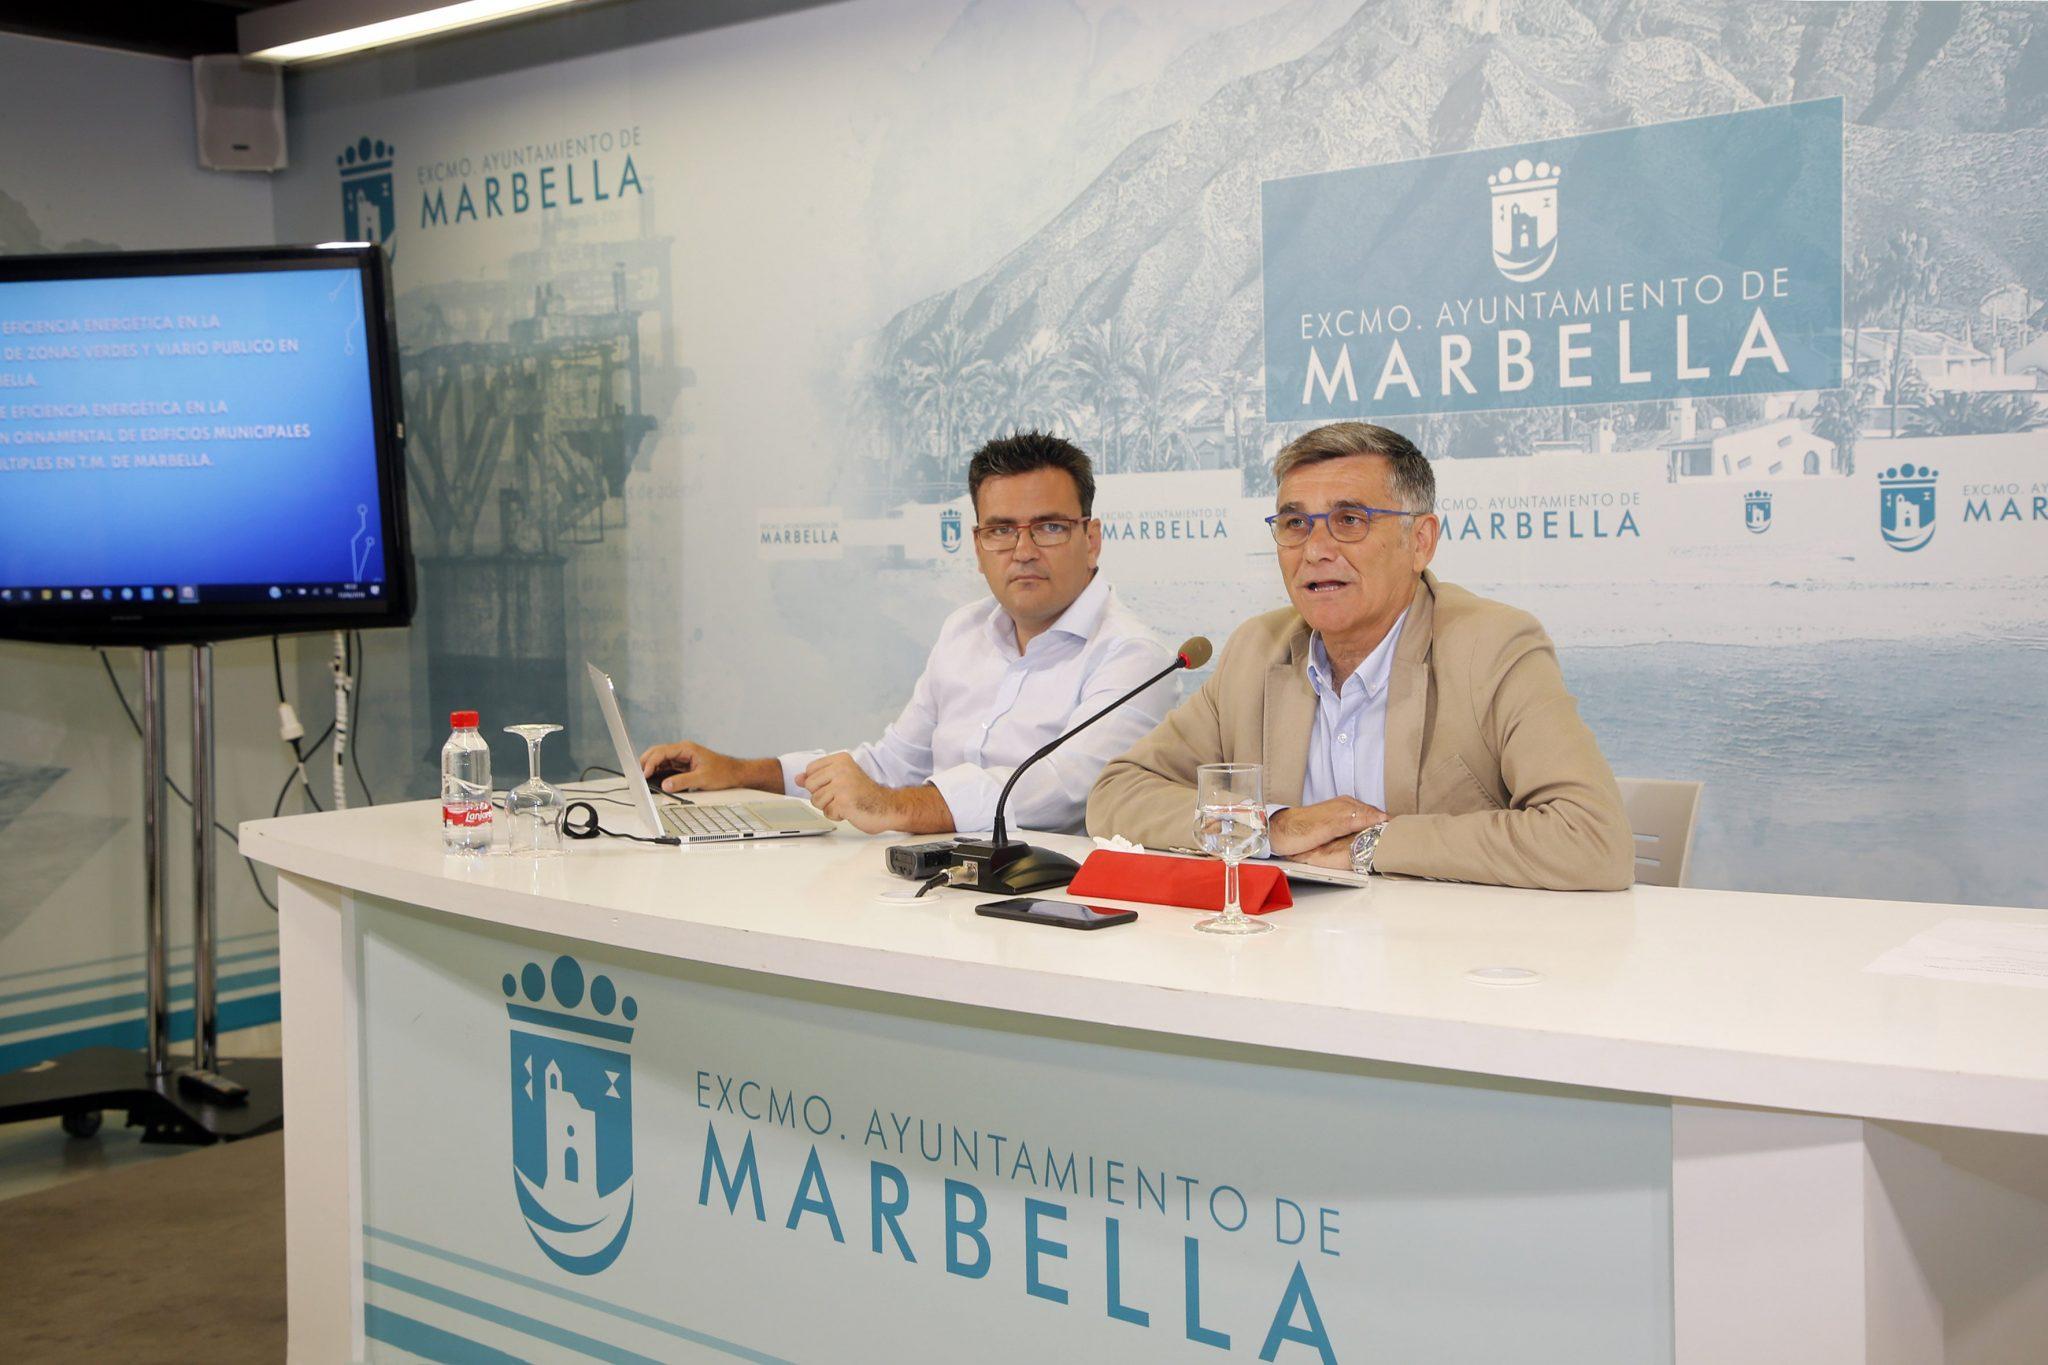 Marbella destacará los edificios y zonas más emblemáticas con dos proyectos de iluminación ornamental